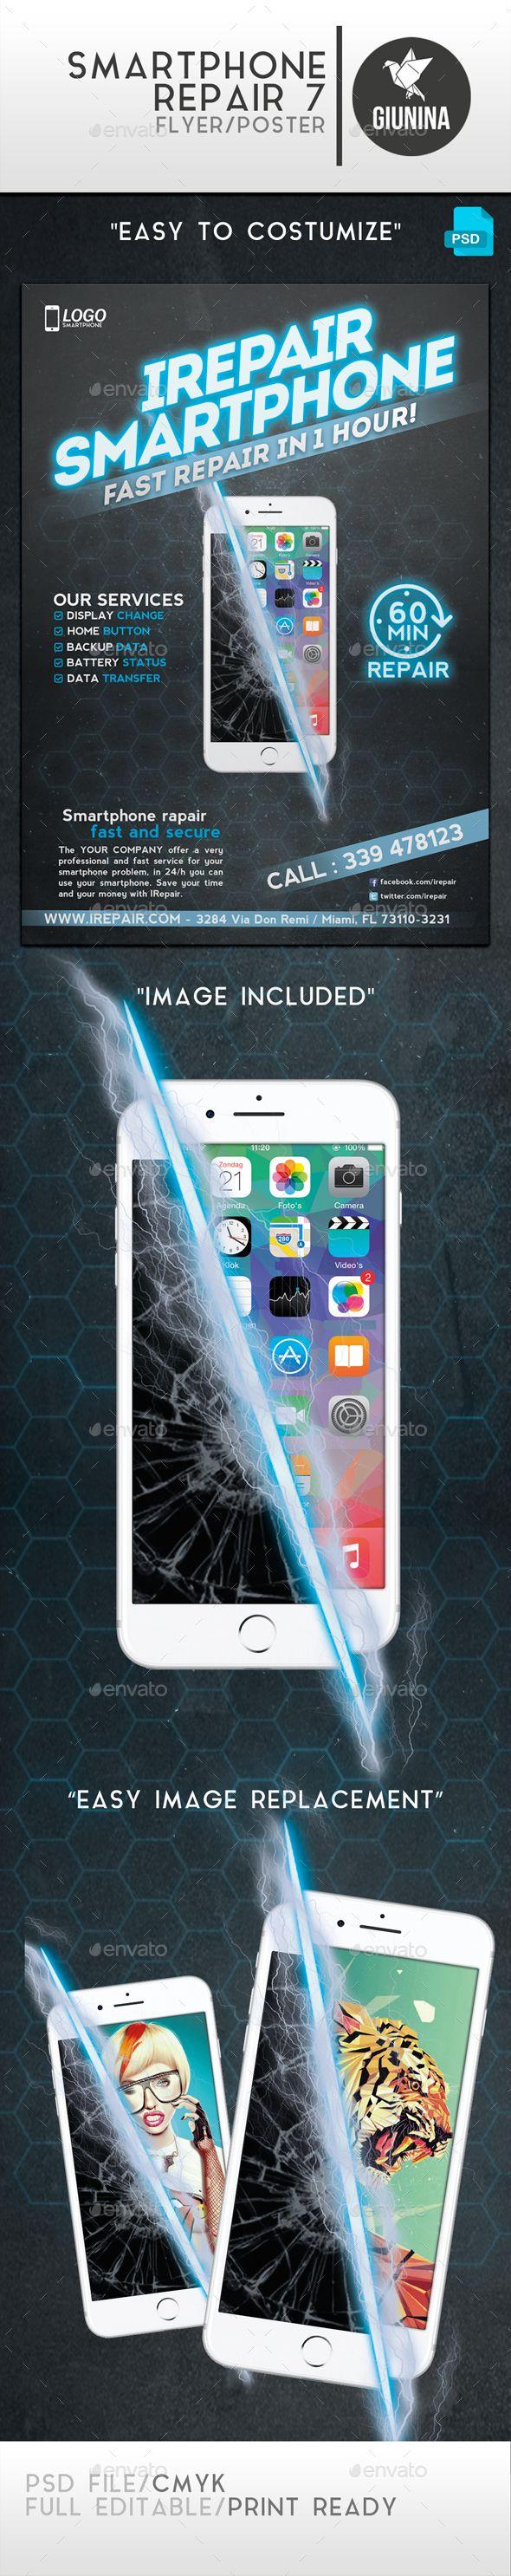 Smartphone Repair 7 Flyer/Poster